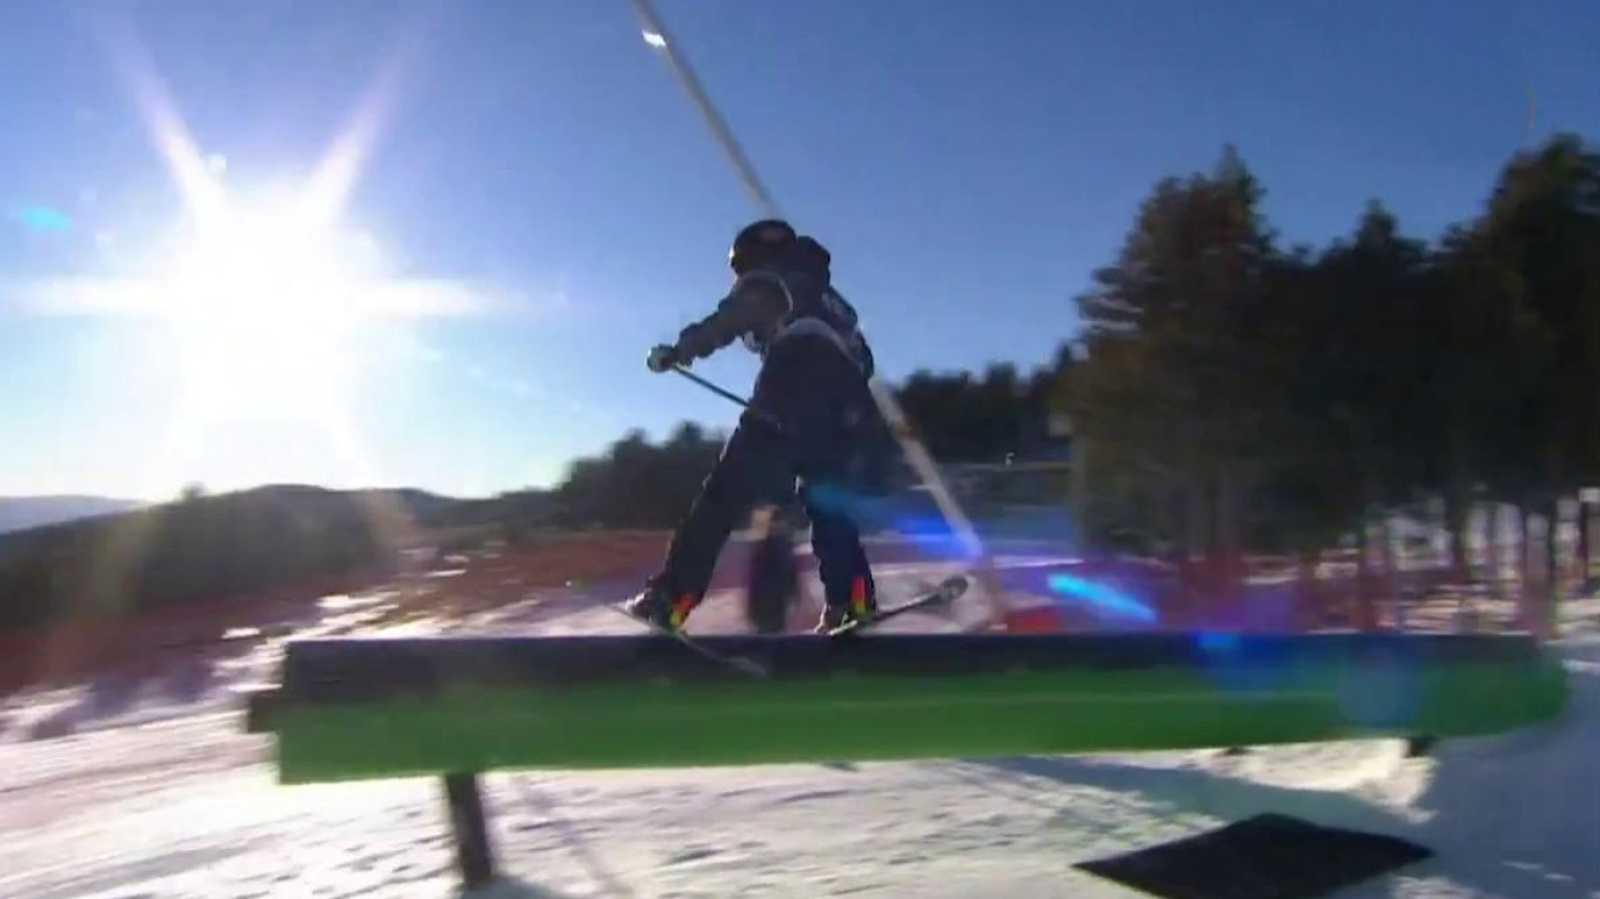 Esquí Freestyle - Copa del Mundo 2018/2019 Finales Slopestyle prueba Font Romeu - ver ahora